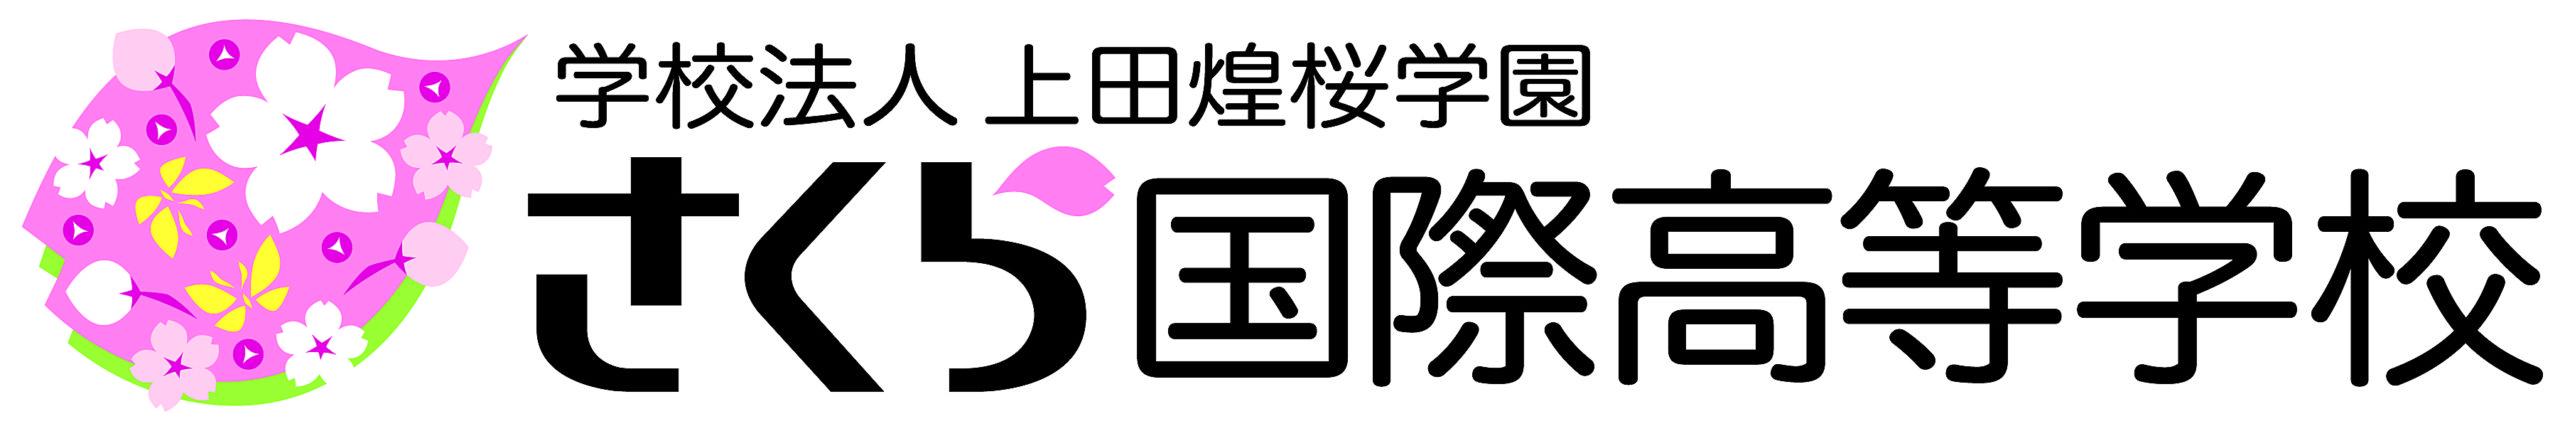 学校法人上田煌桜学園 さくら国際高等学校